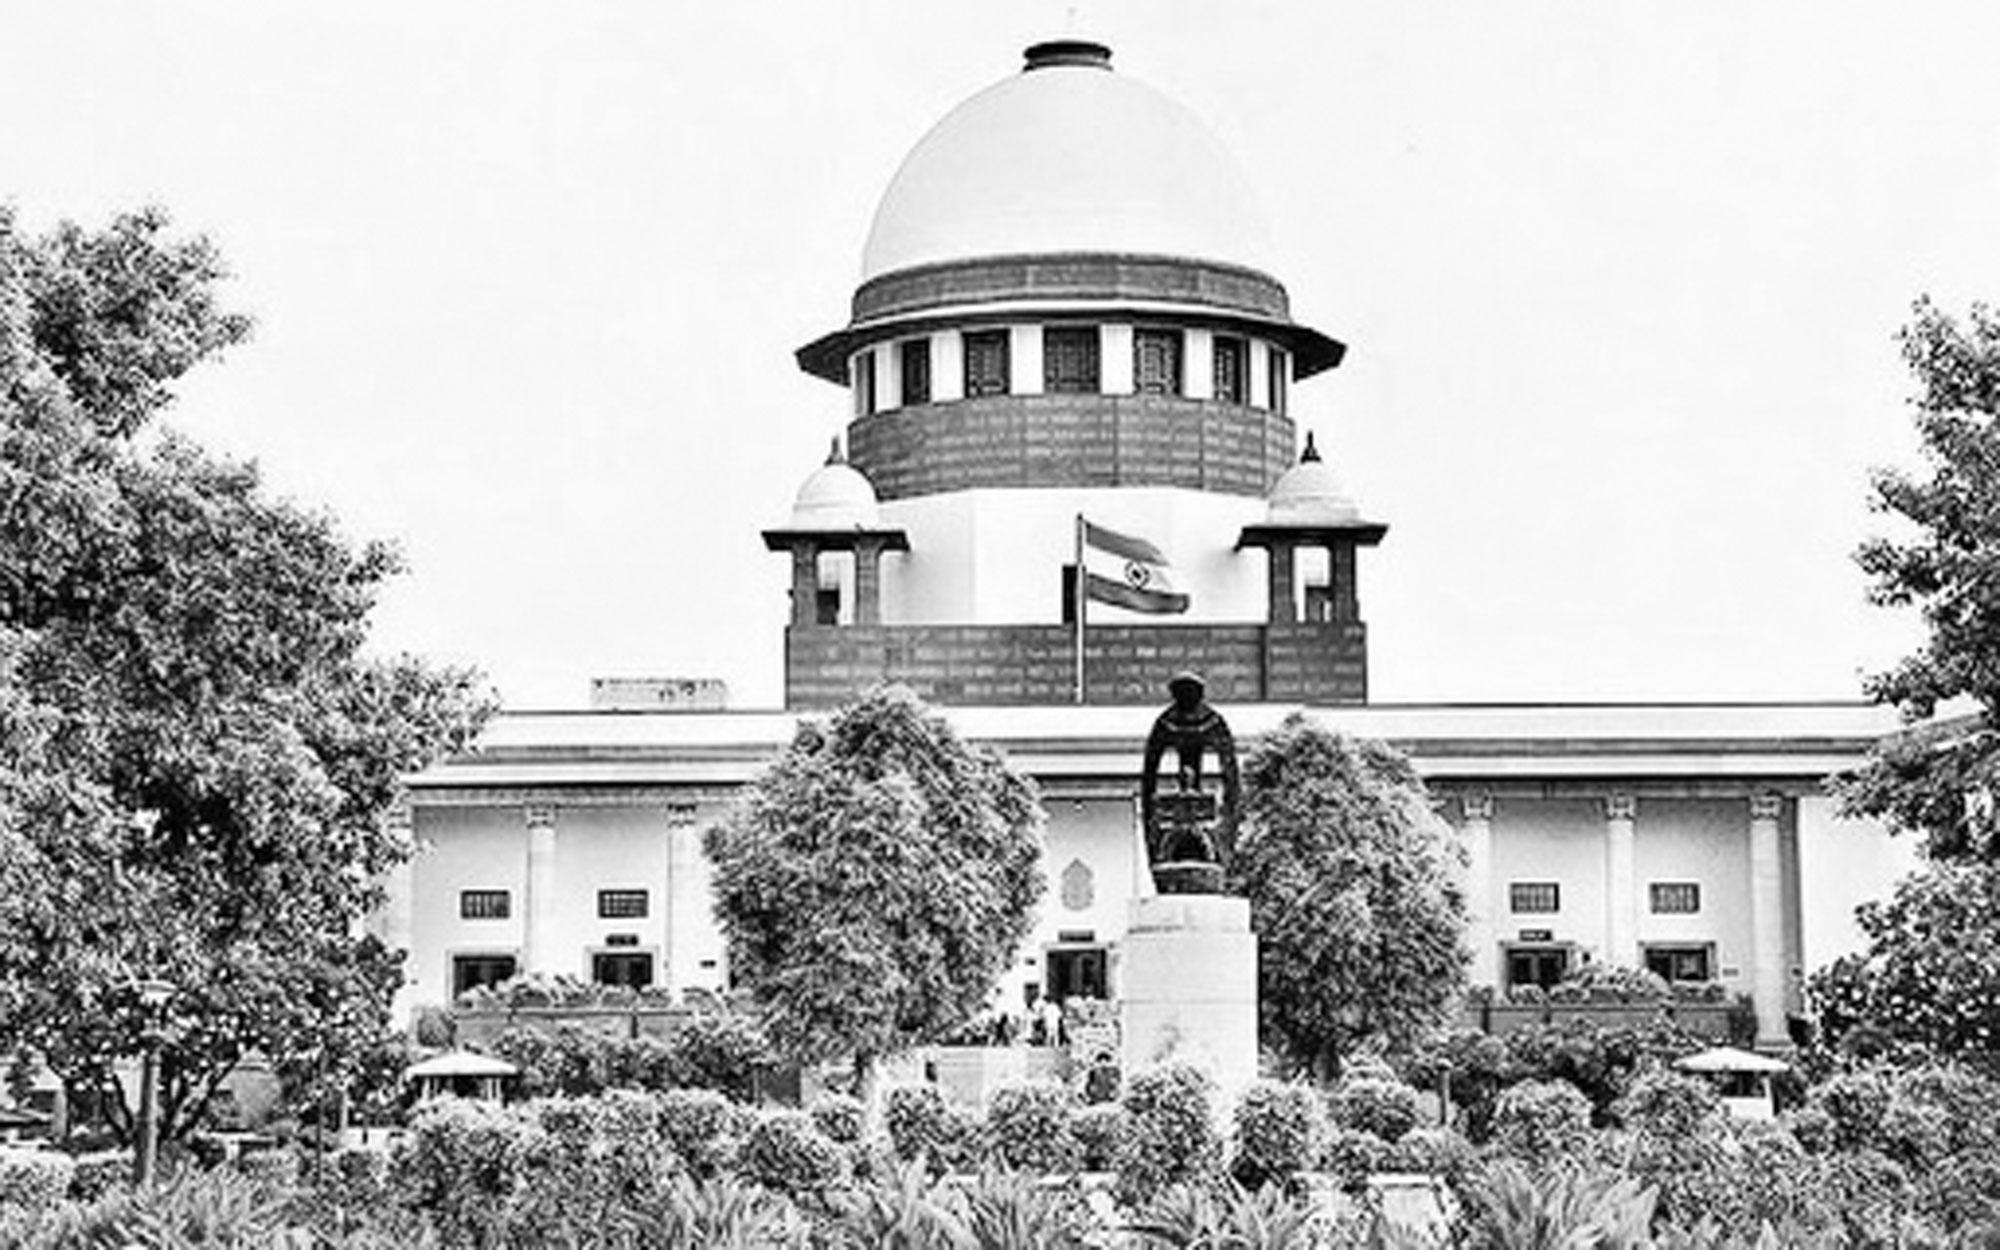 দেশদ্রোহ আইন নিয়ে প্রশ্ন ভারতীয় সুপ্রিম কোর্টের